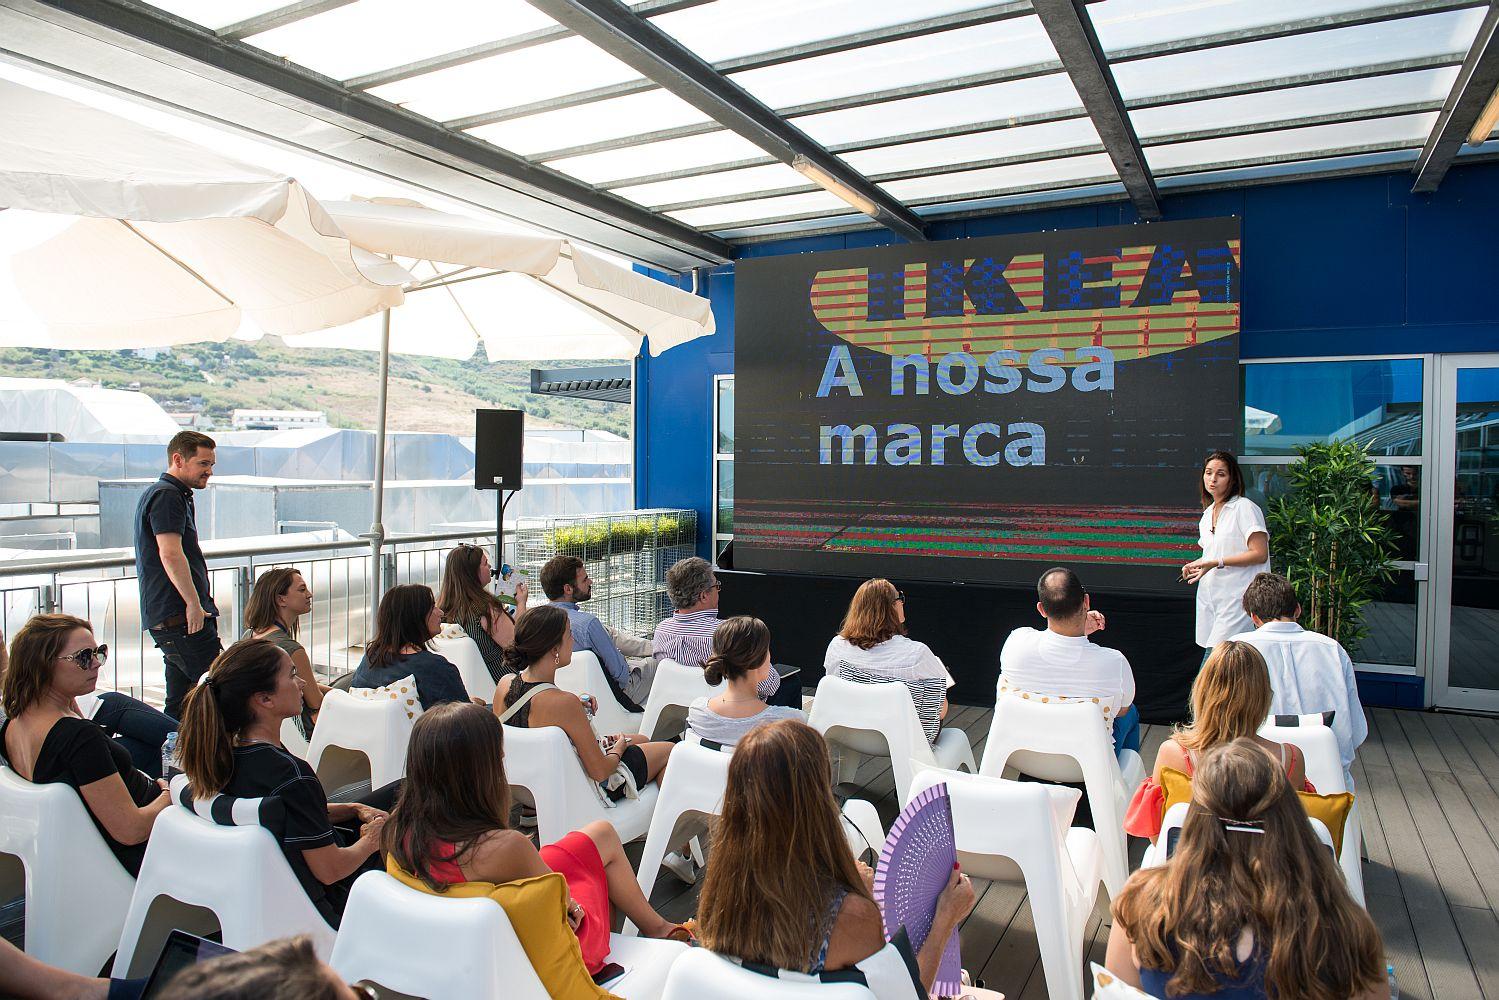 Ikea Estuda Abertura De Novas Lojas Em Portugal Hipersuper